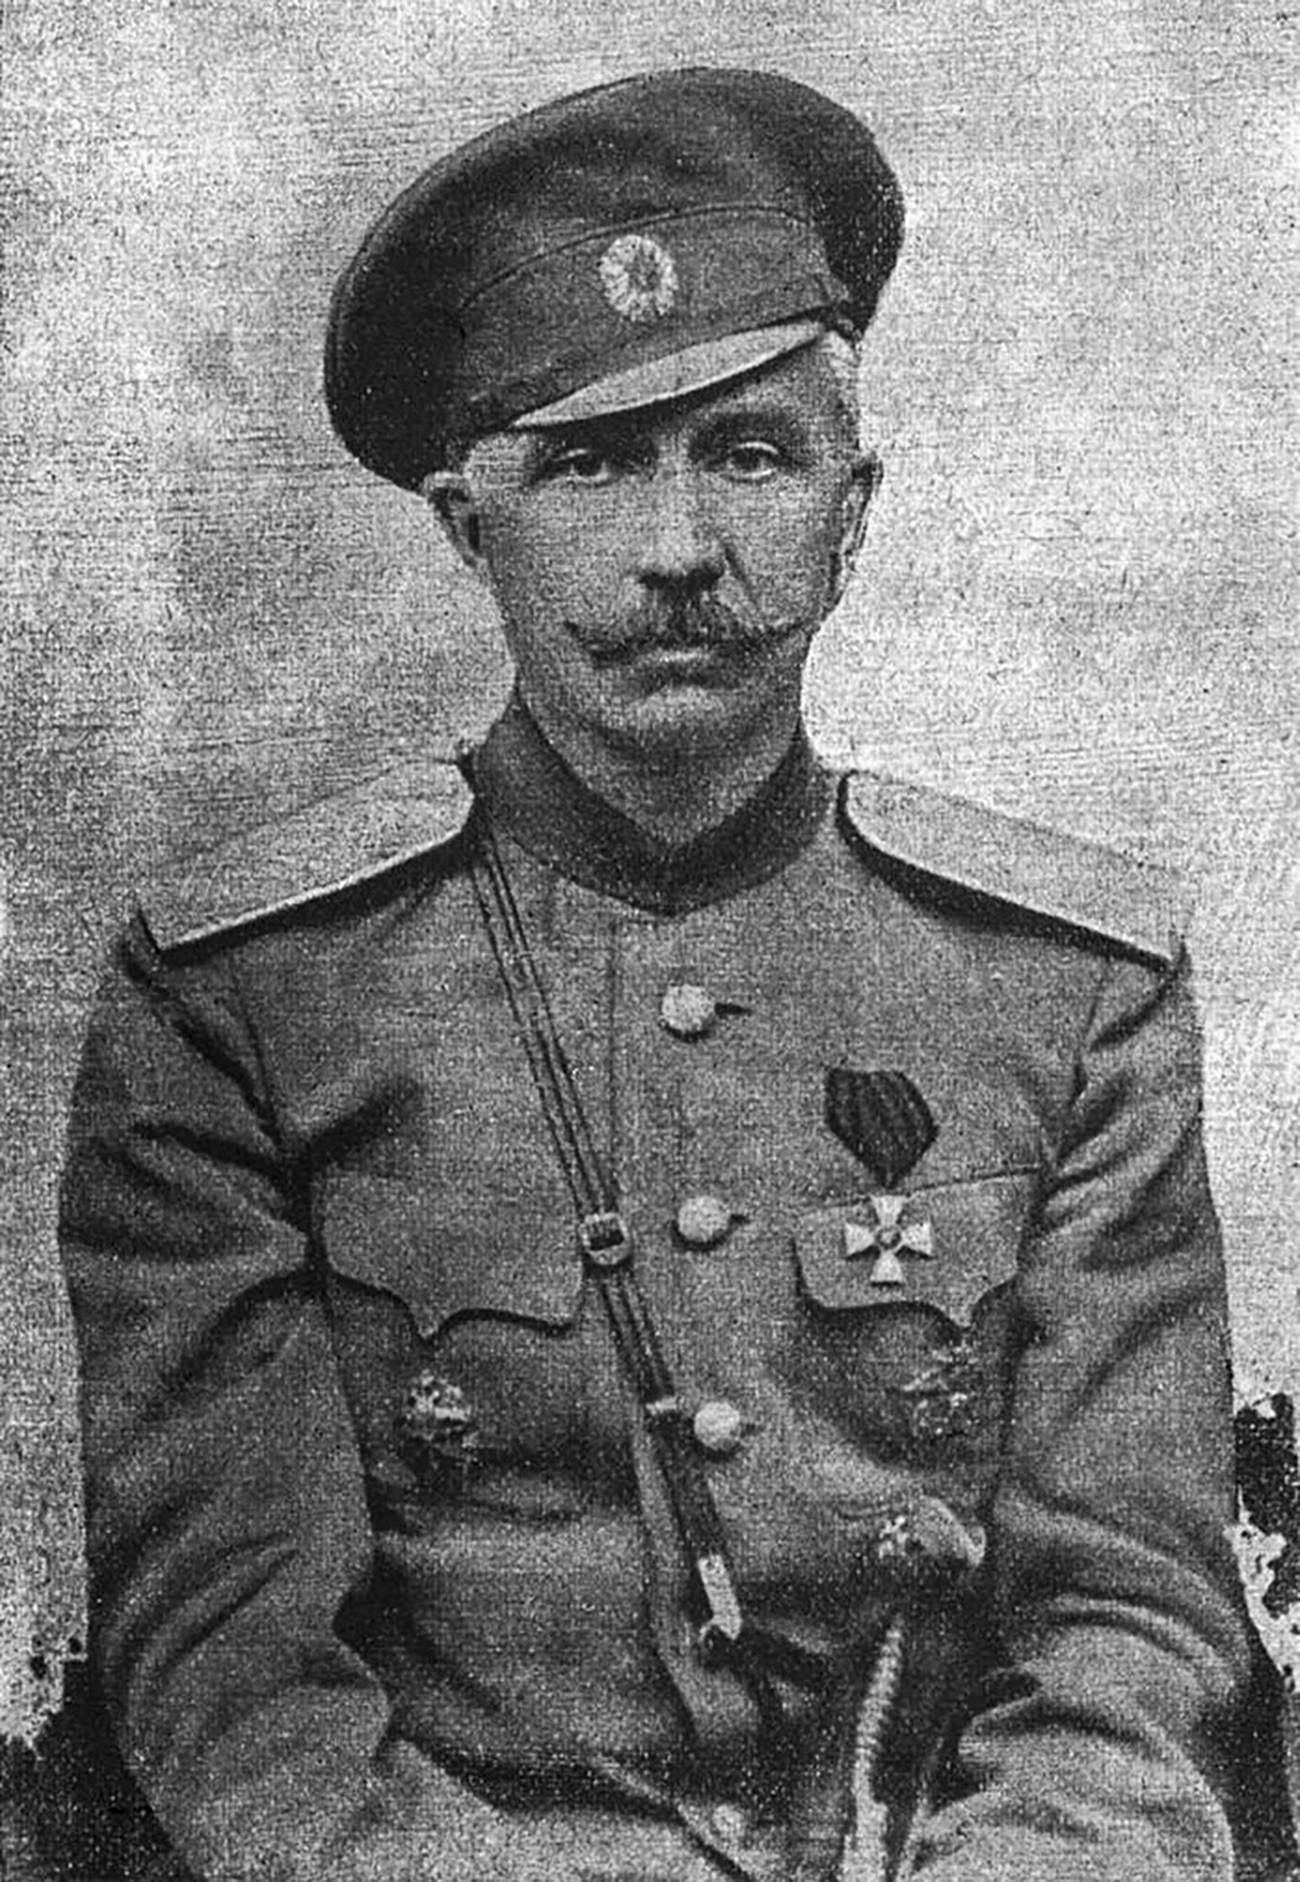 Petar Krasnov, general-major Ruske carske vosjke, ataman Donske vojske, političar i publicist